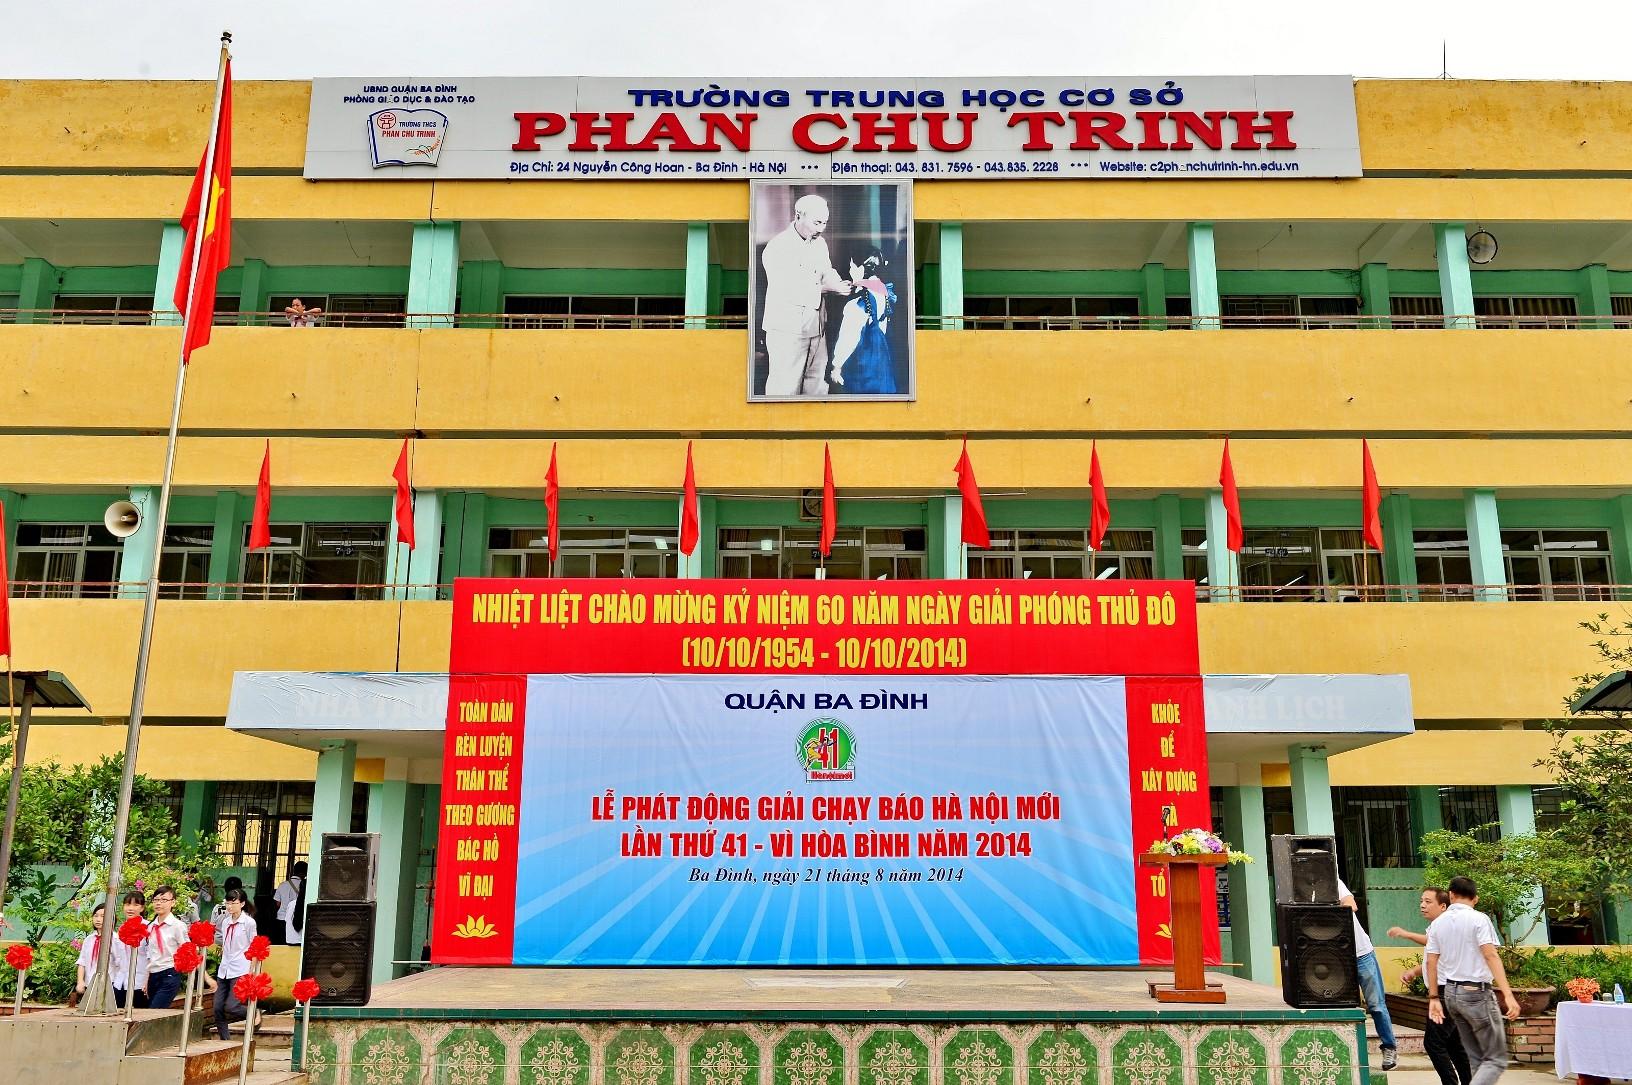 Phan Chu Trinh - THCS công lập quận Ba Đình - Hà Nội (Ảnh: website nhà trường)